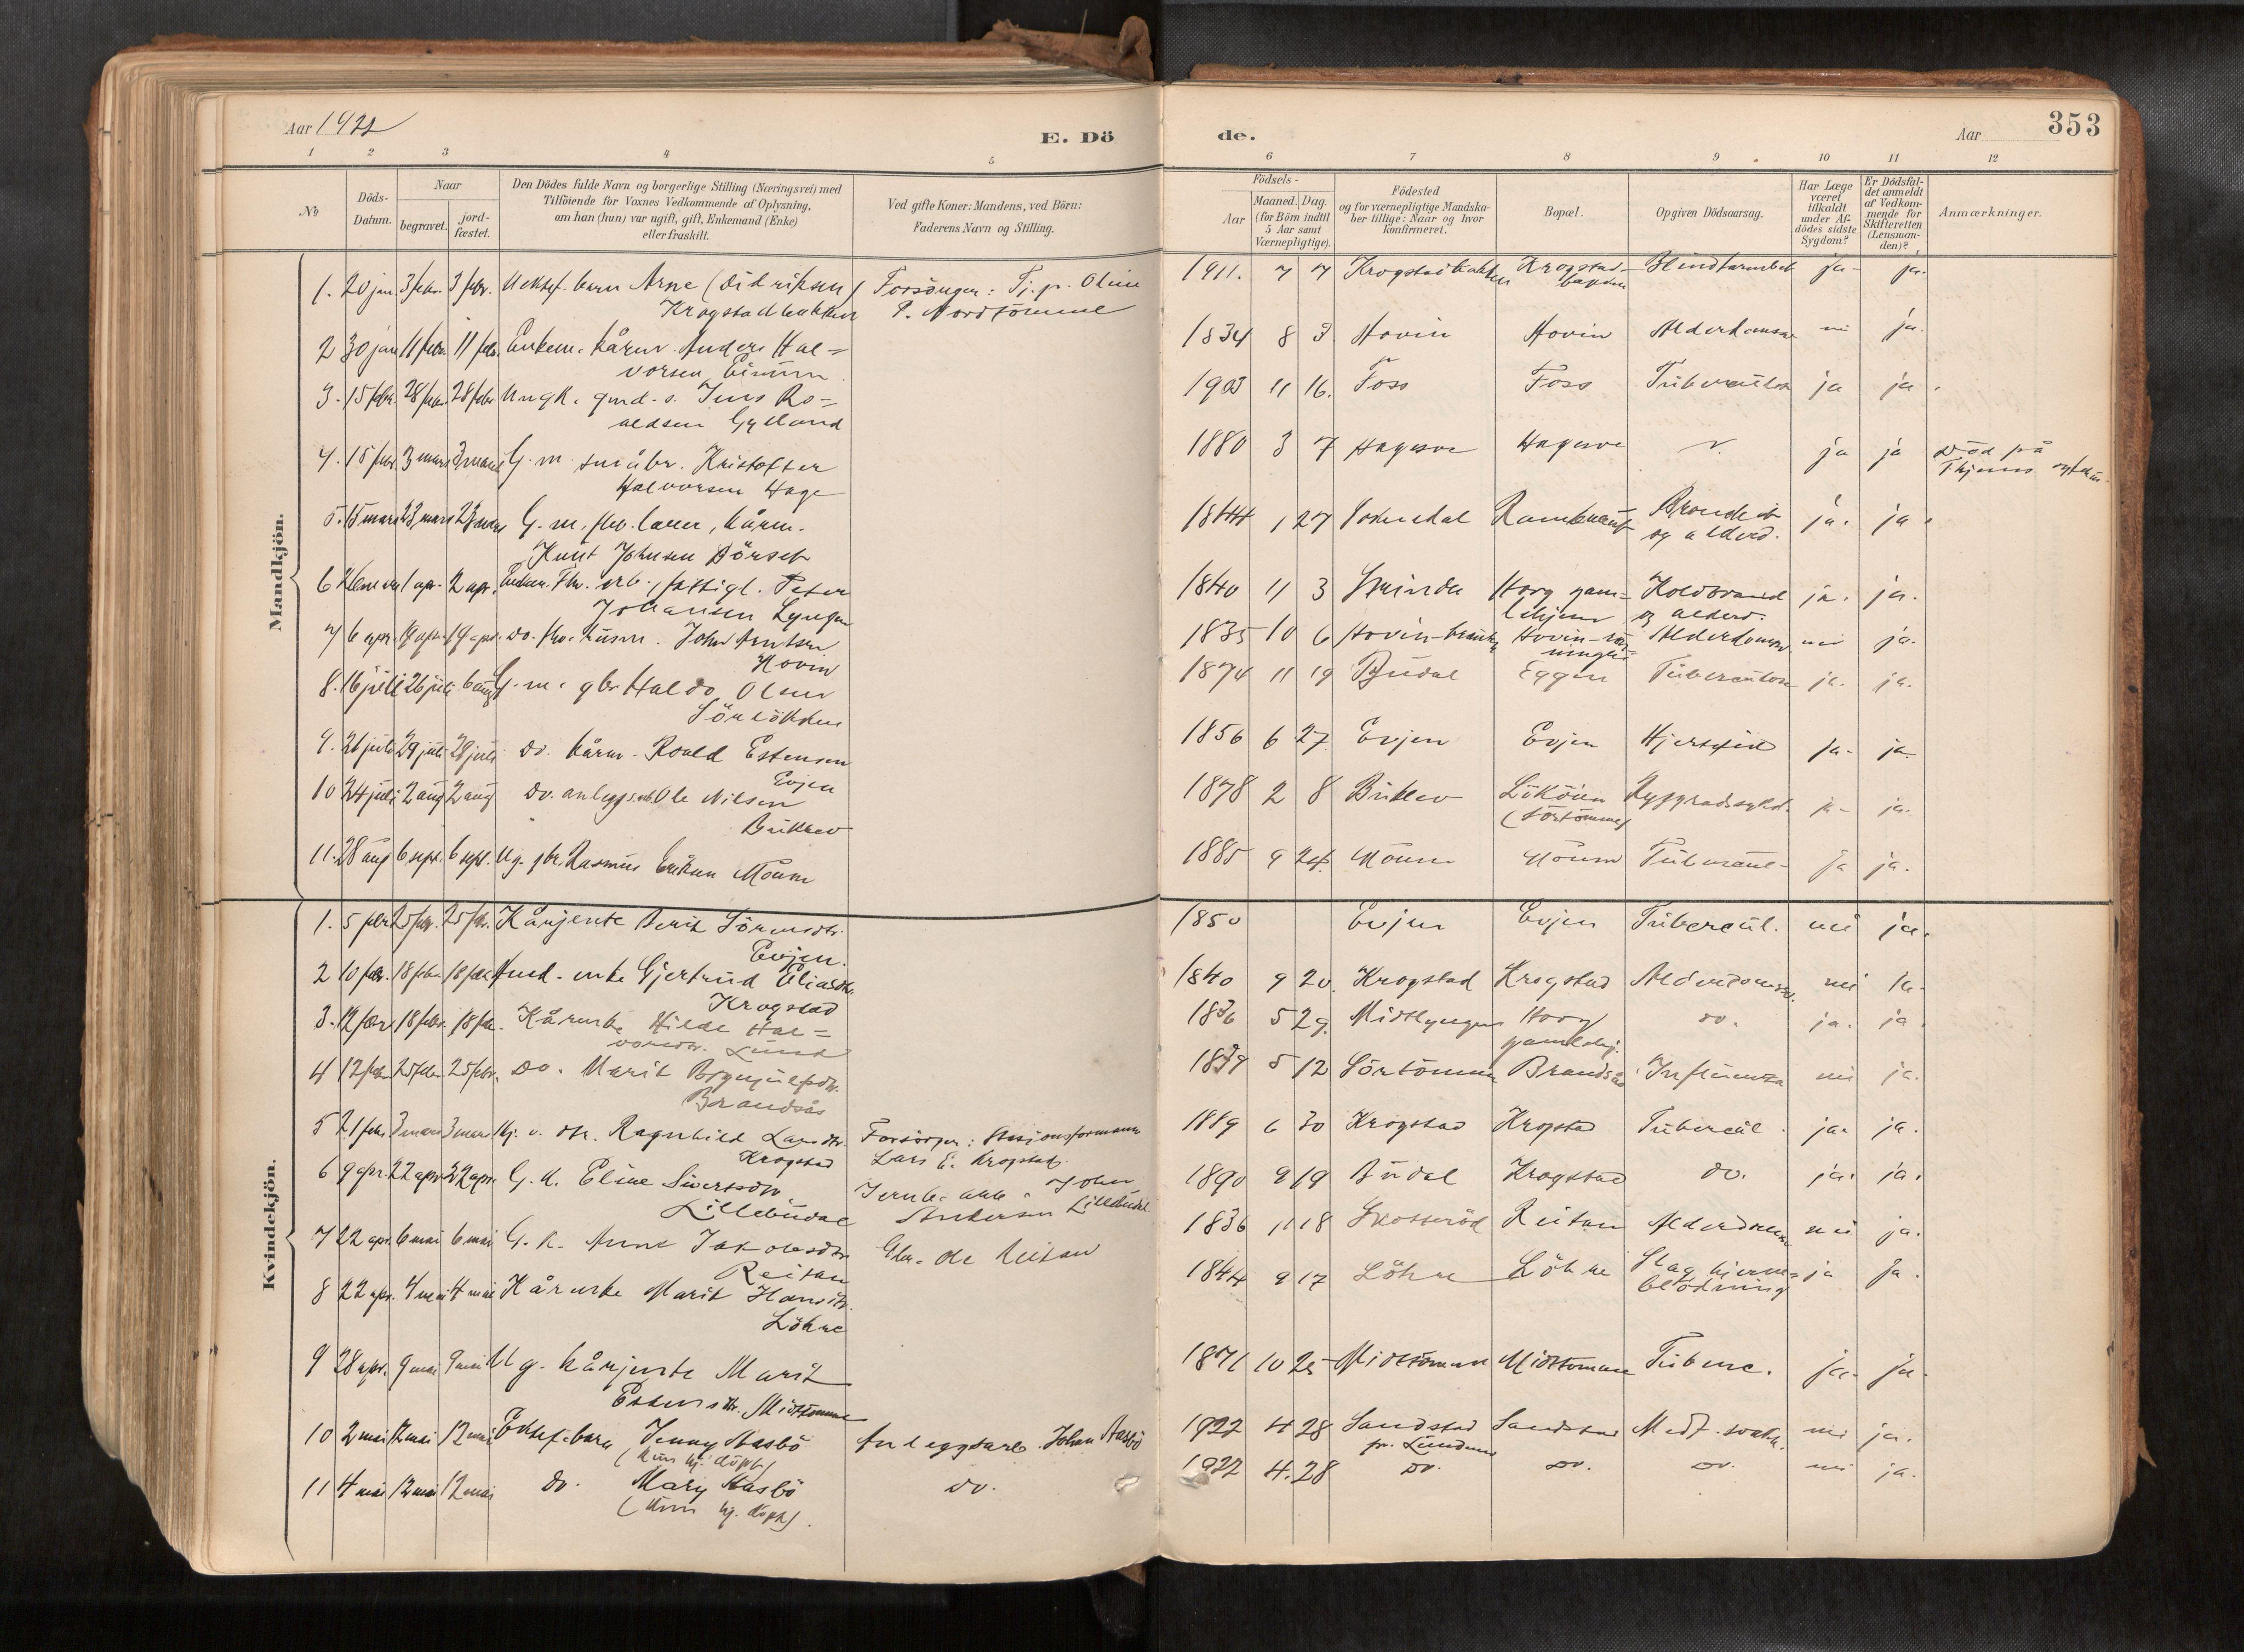 SAT, Ministerialprotokoller, klokkerbøker og fødselsregistre - Sør-Trøndelag, 692/L1105b: Ministerialbok nr. 692A06, 1891-1934, s. 353